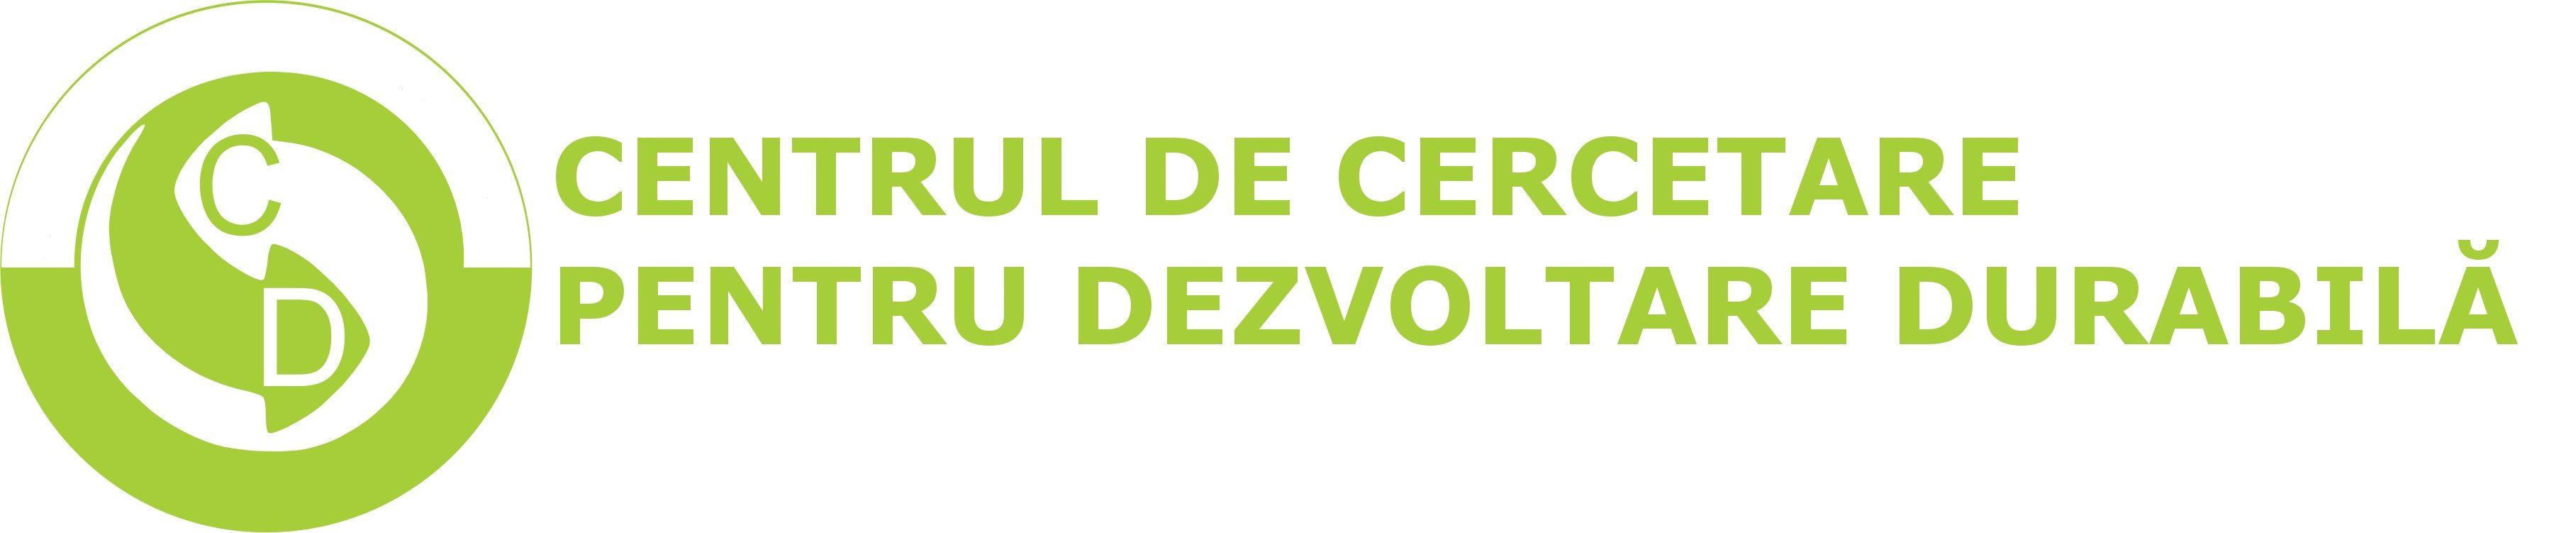 Centrul de Cercetare pentru Dezvoltare Durabilă